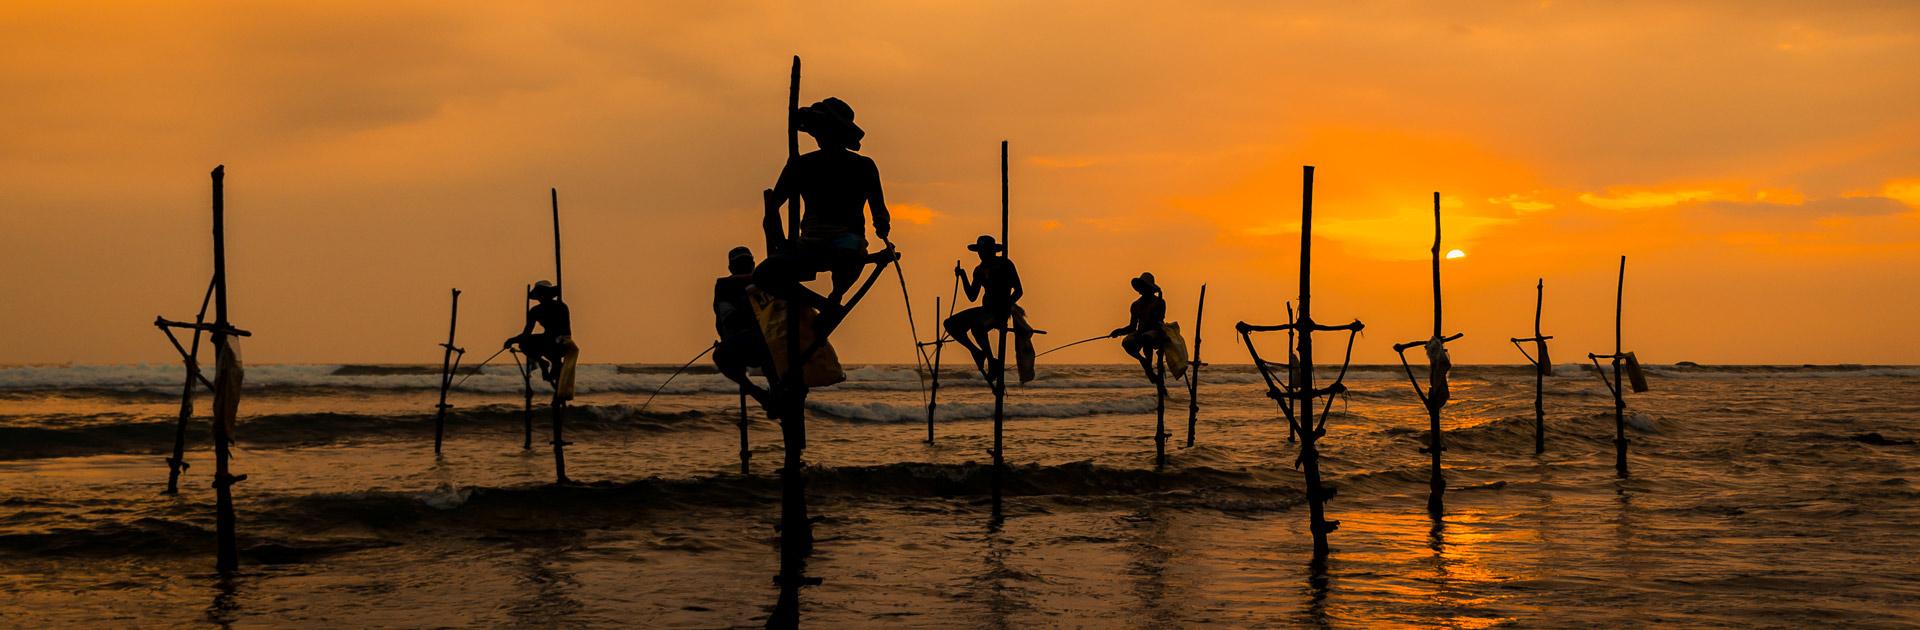 LK Sri Lanka imprescindible y playas 11 días